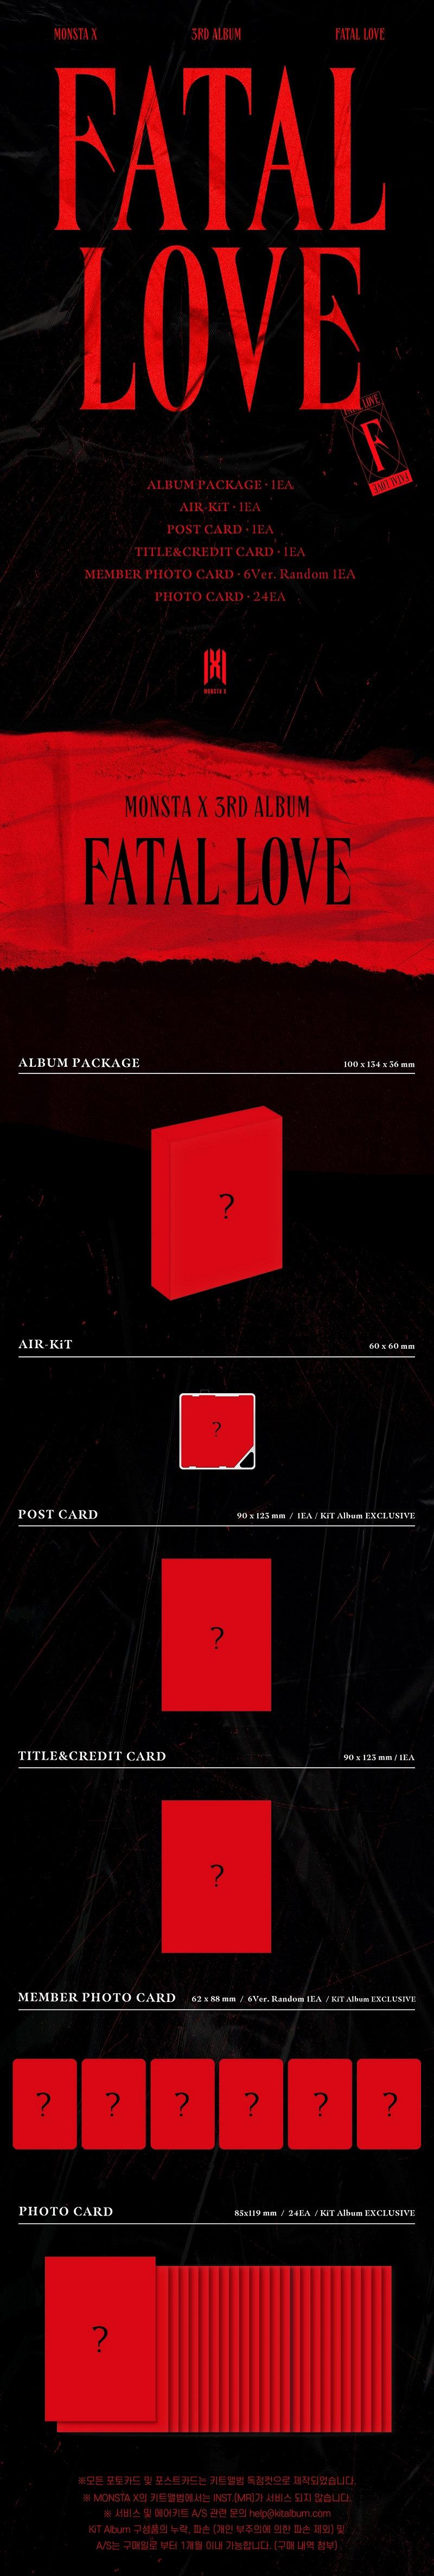 Monsta X Fatal Love 3rd Album Air Kit Shop